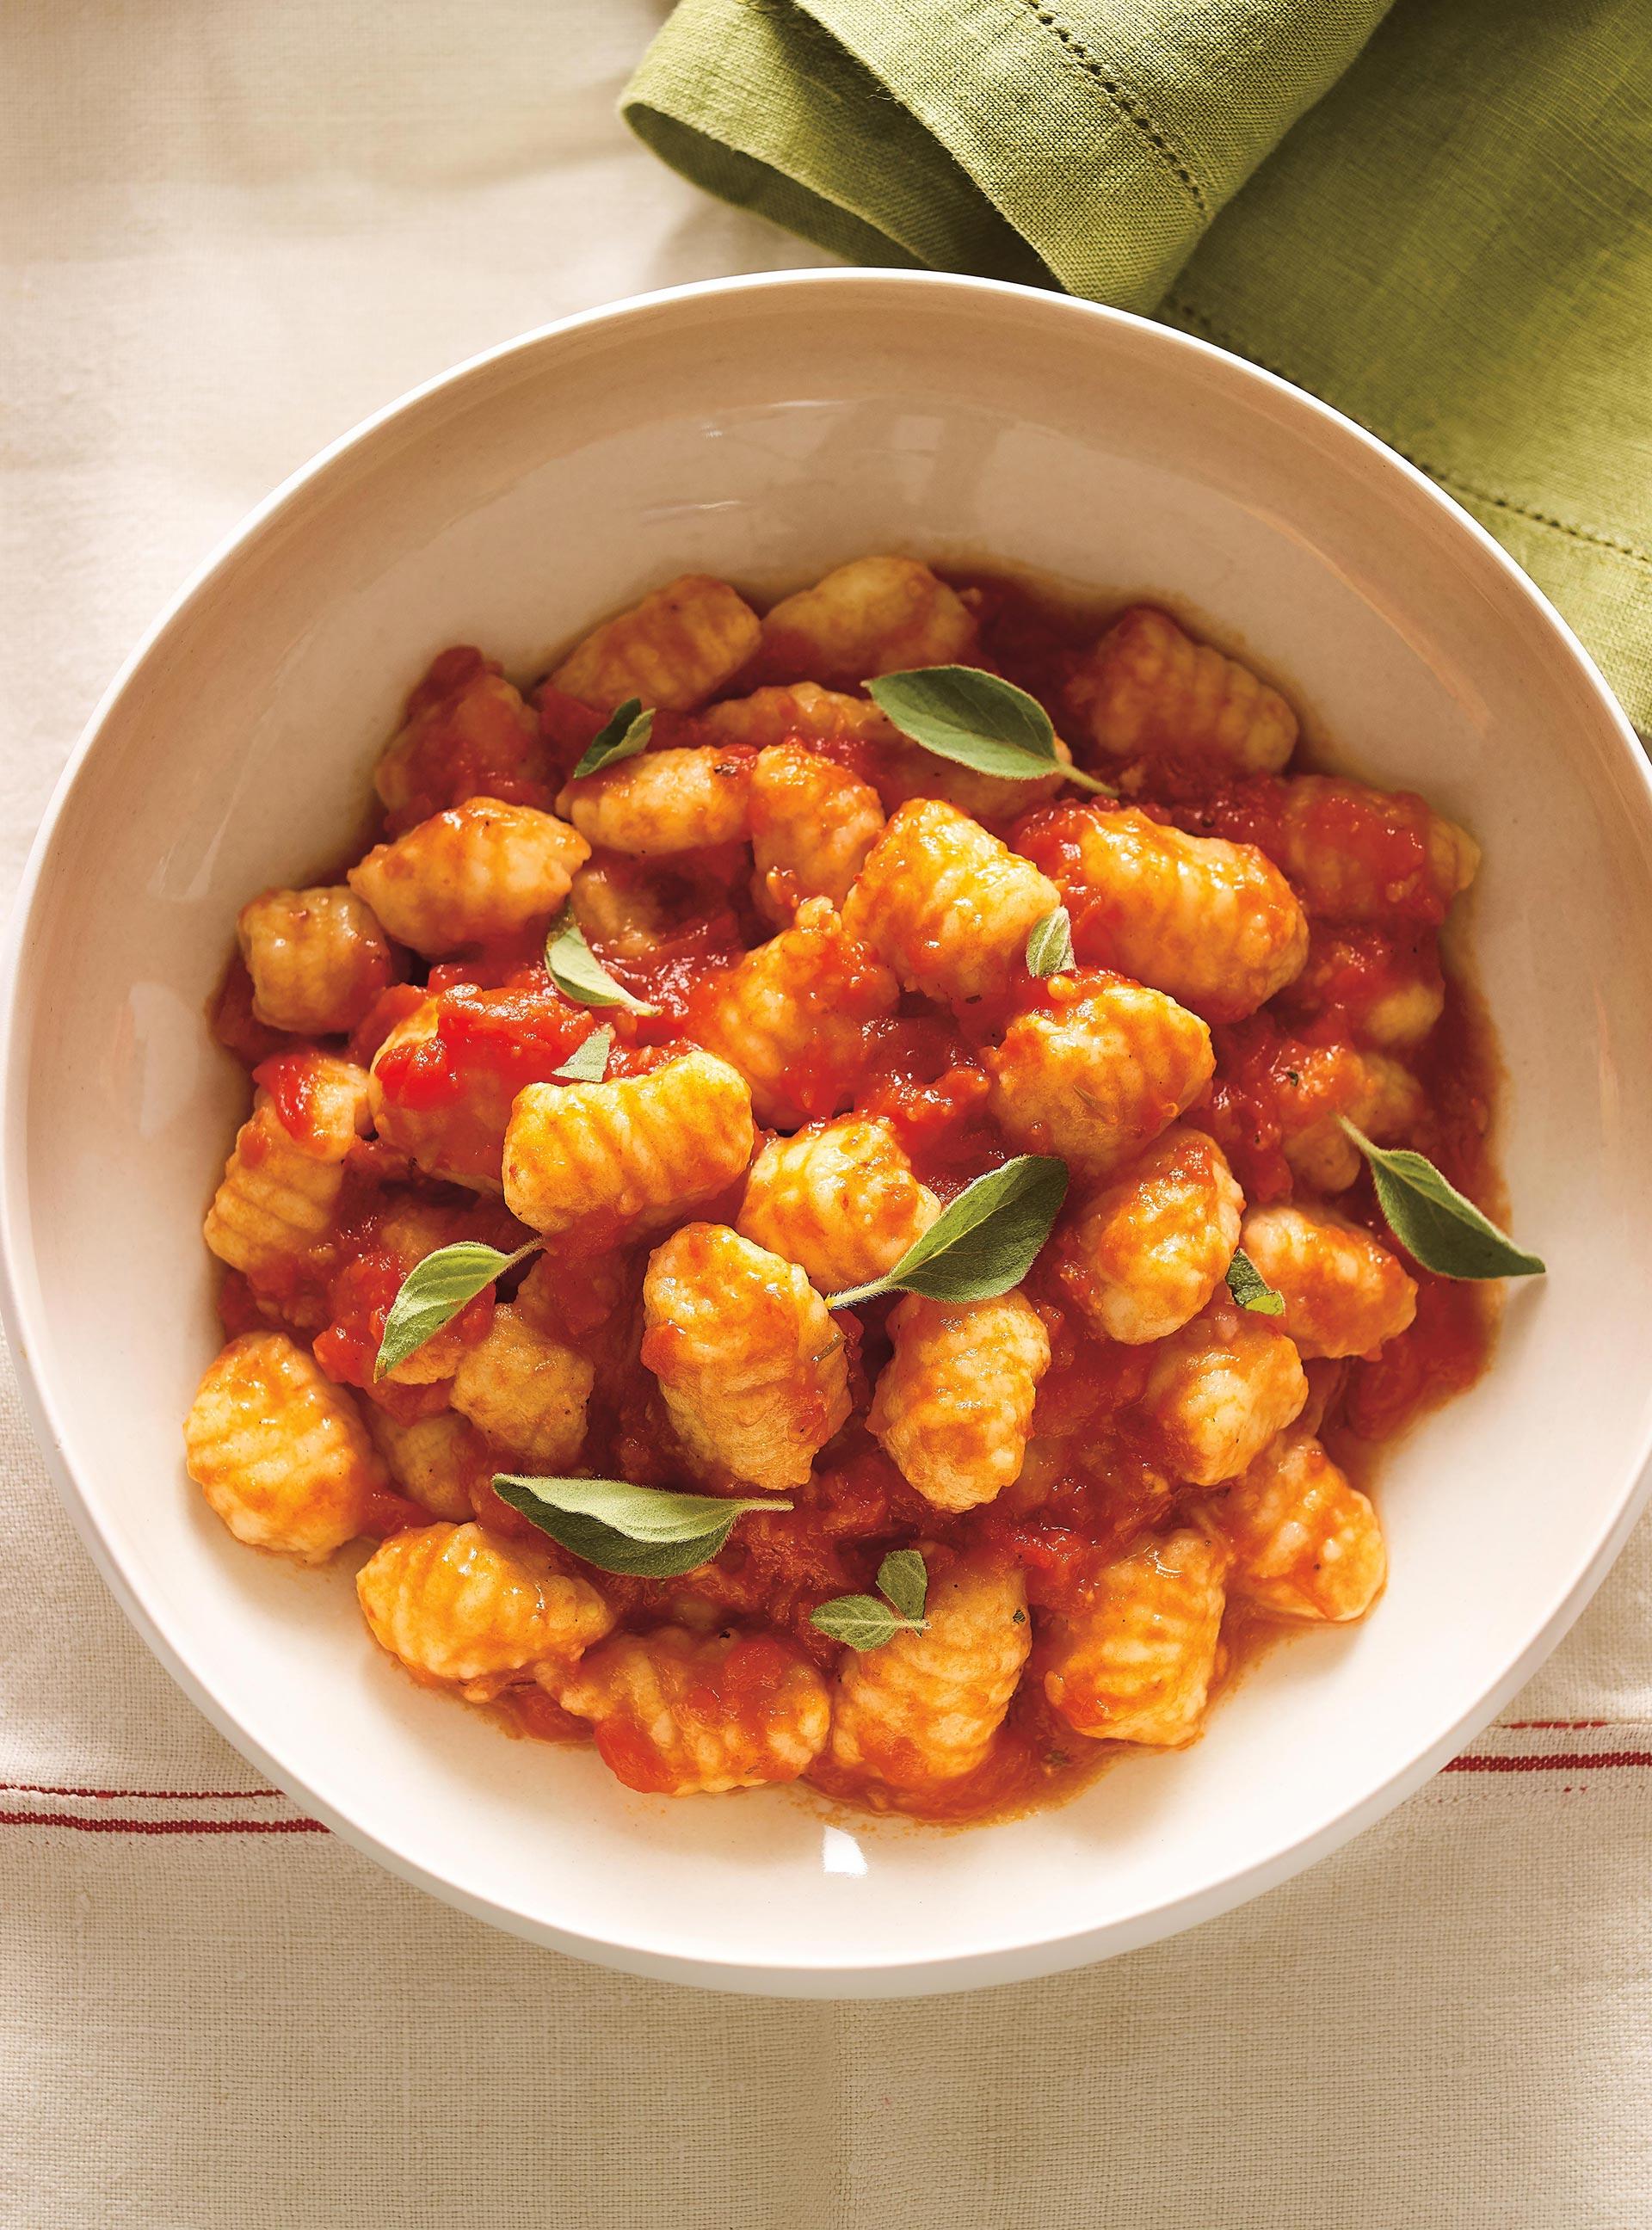 Recette gnocchis de pommes de terre maison toutes les recettes recette - Cuisiner les pommes de terre ...